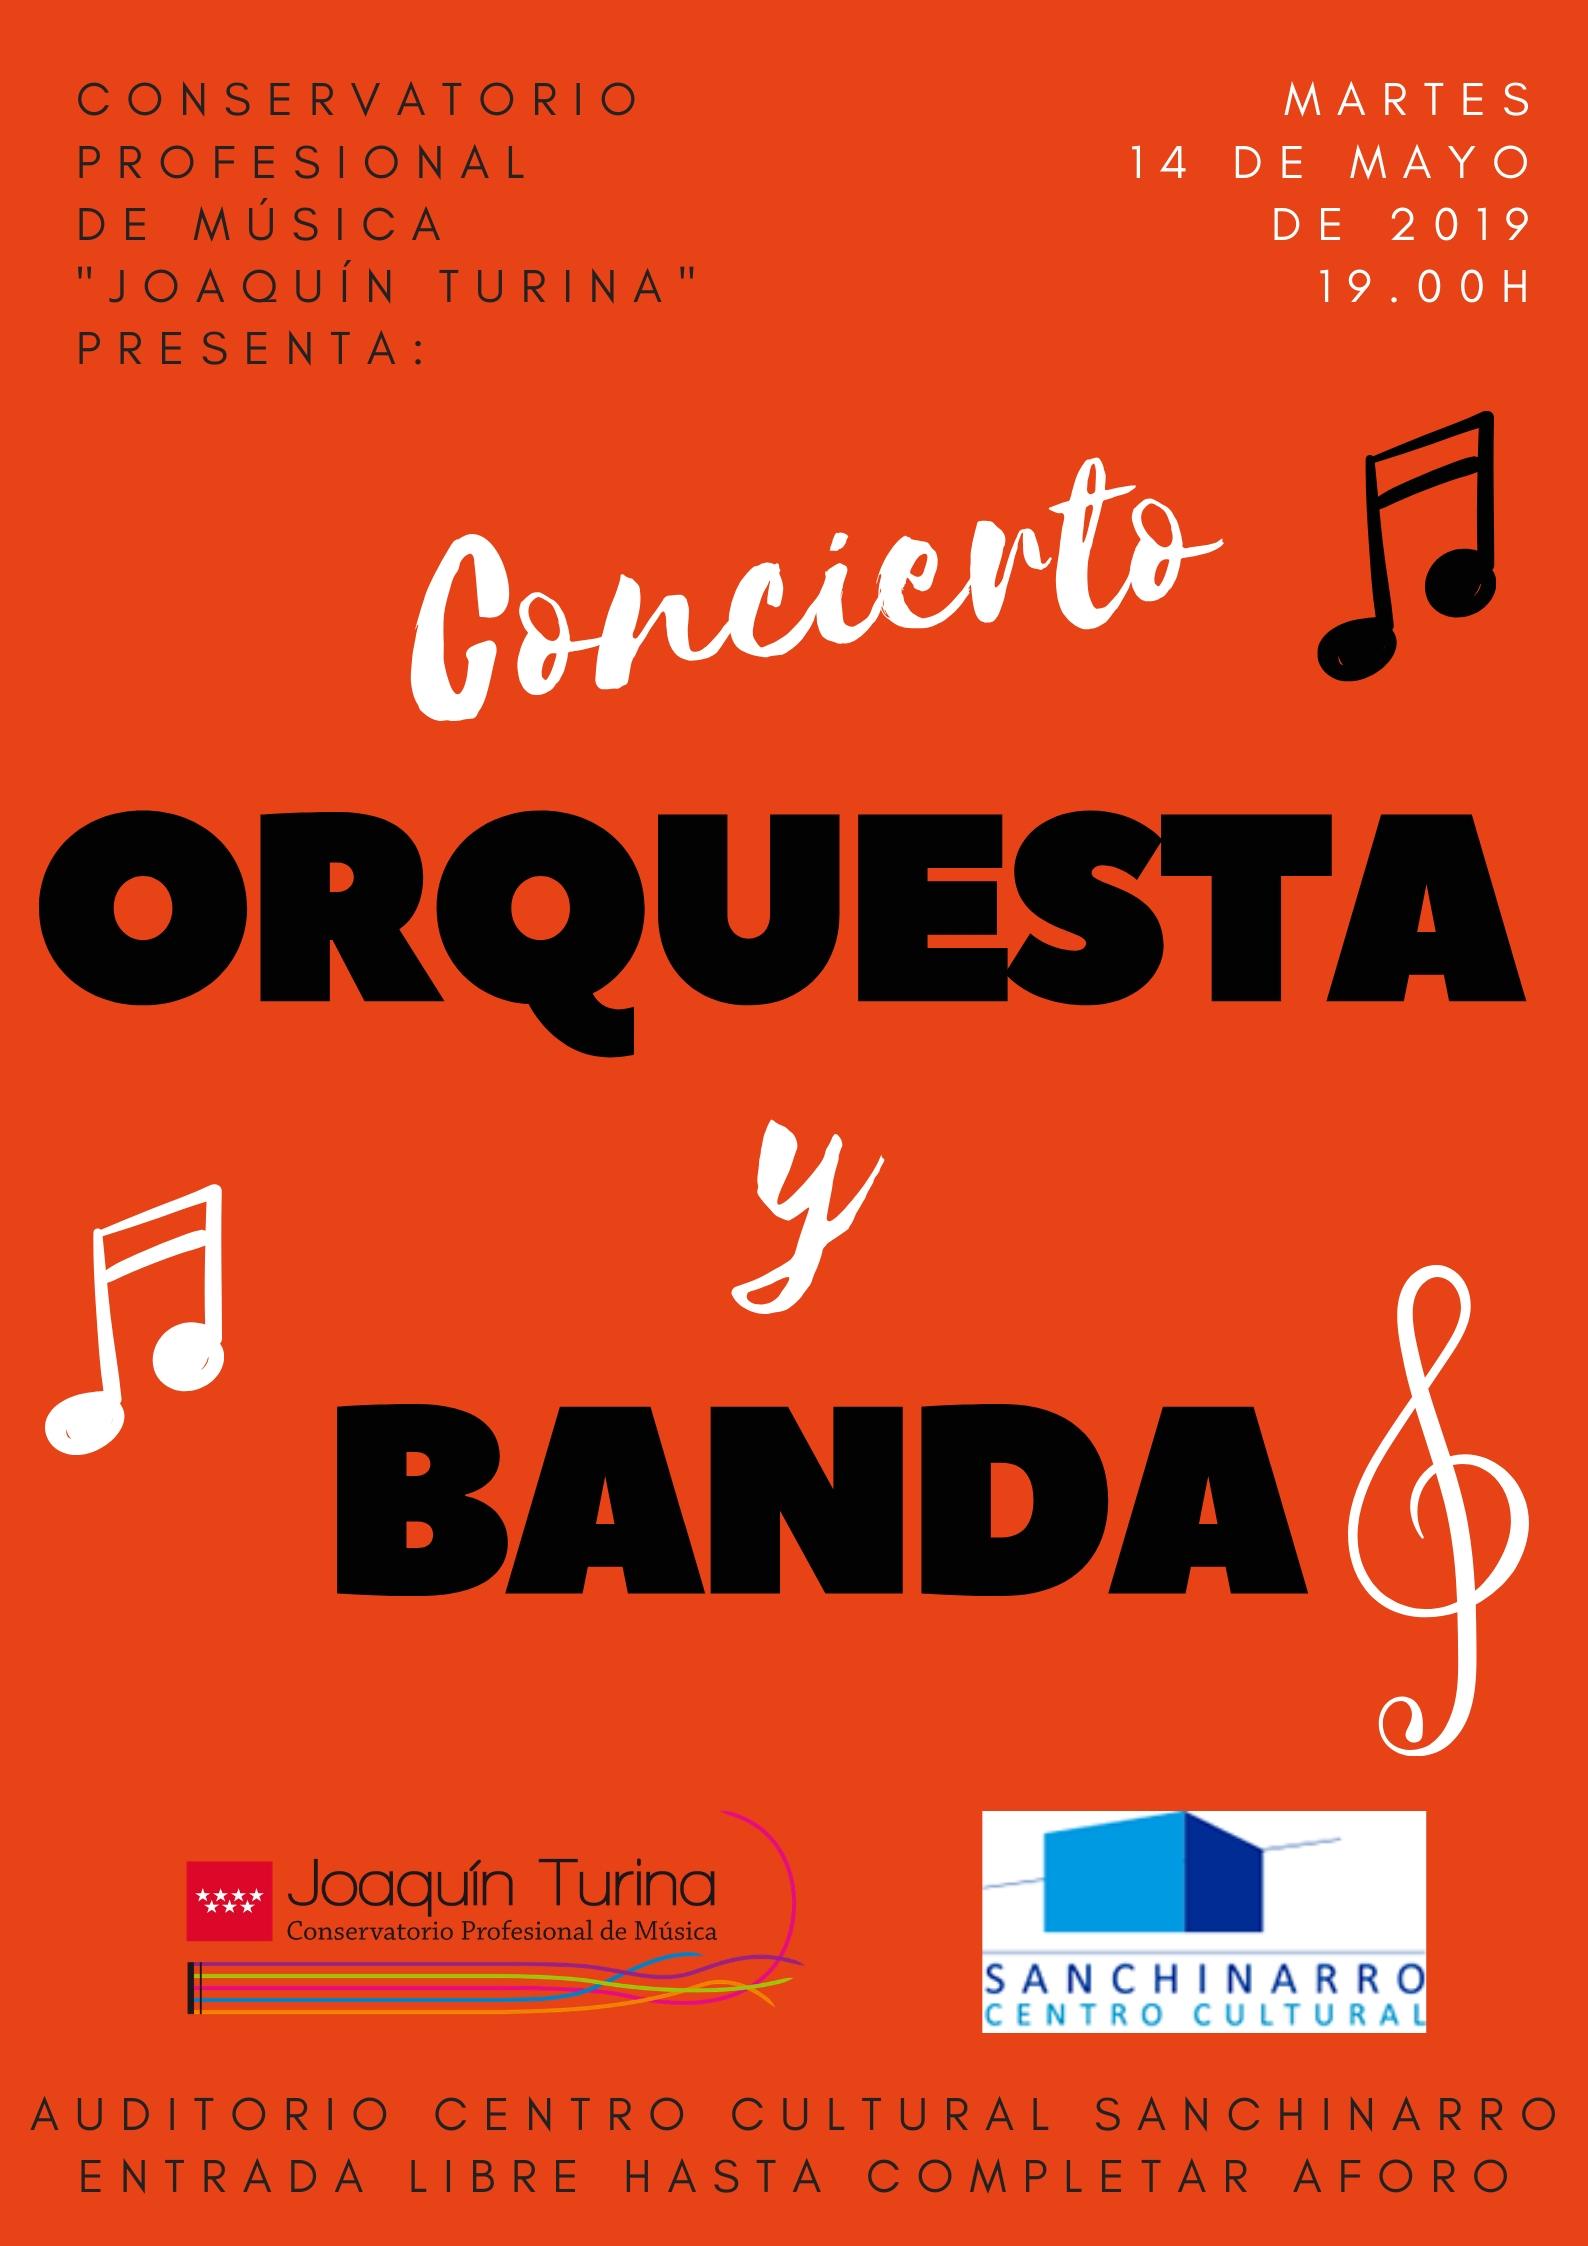 Orquesta y banda. Conservatorio Joaquín Turina